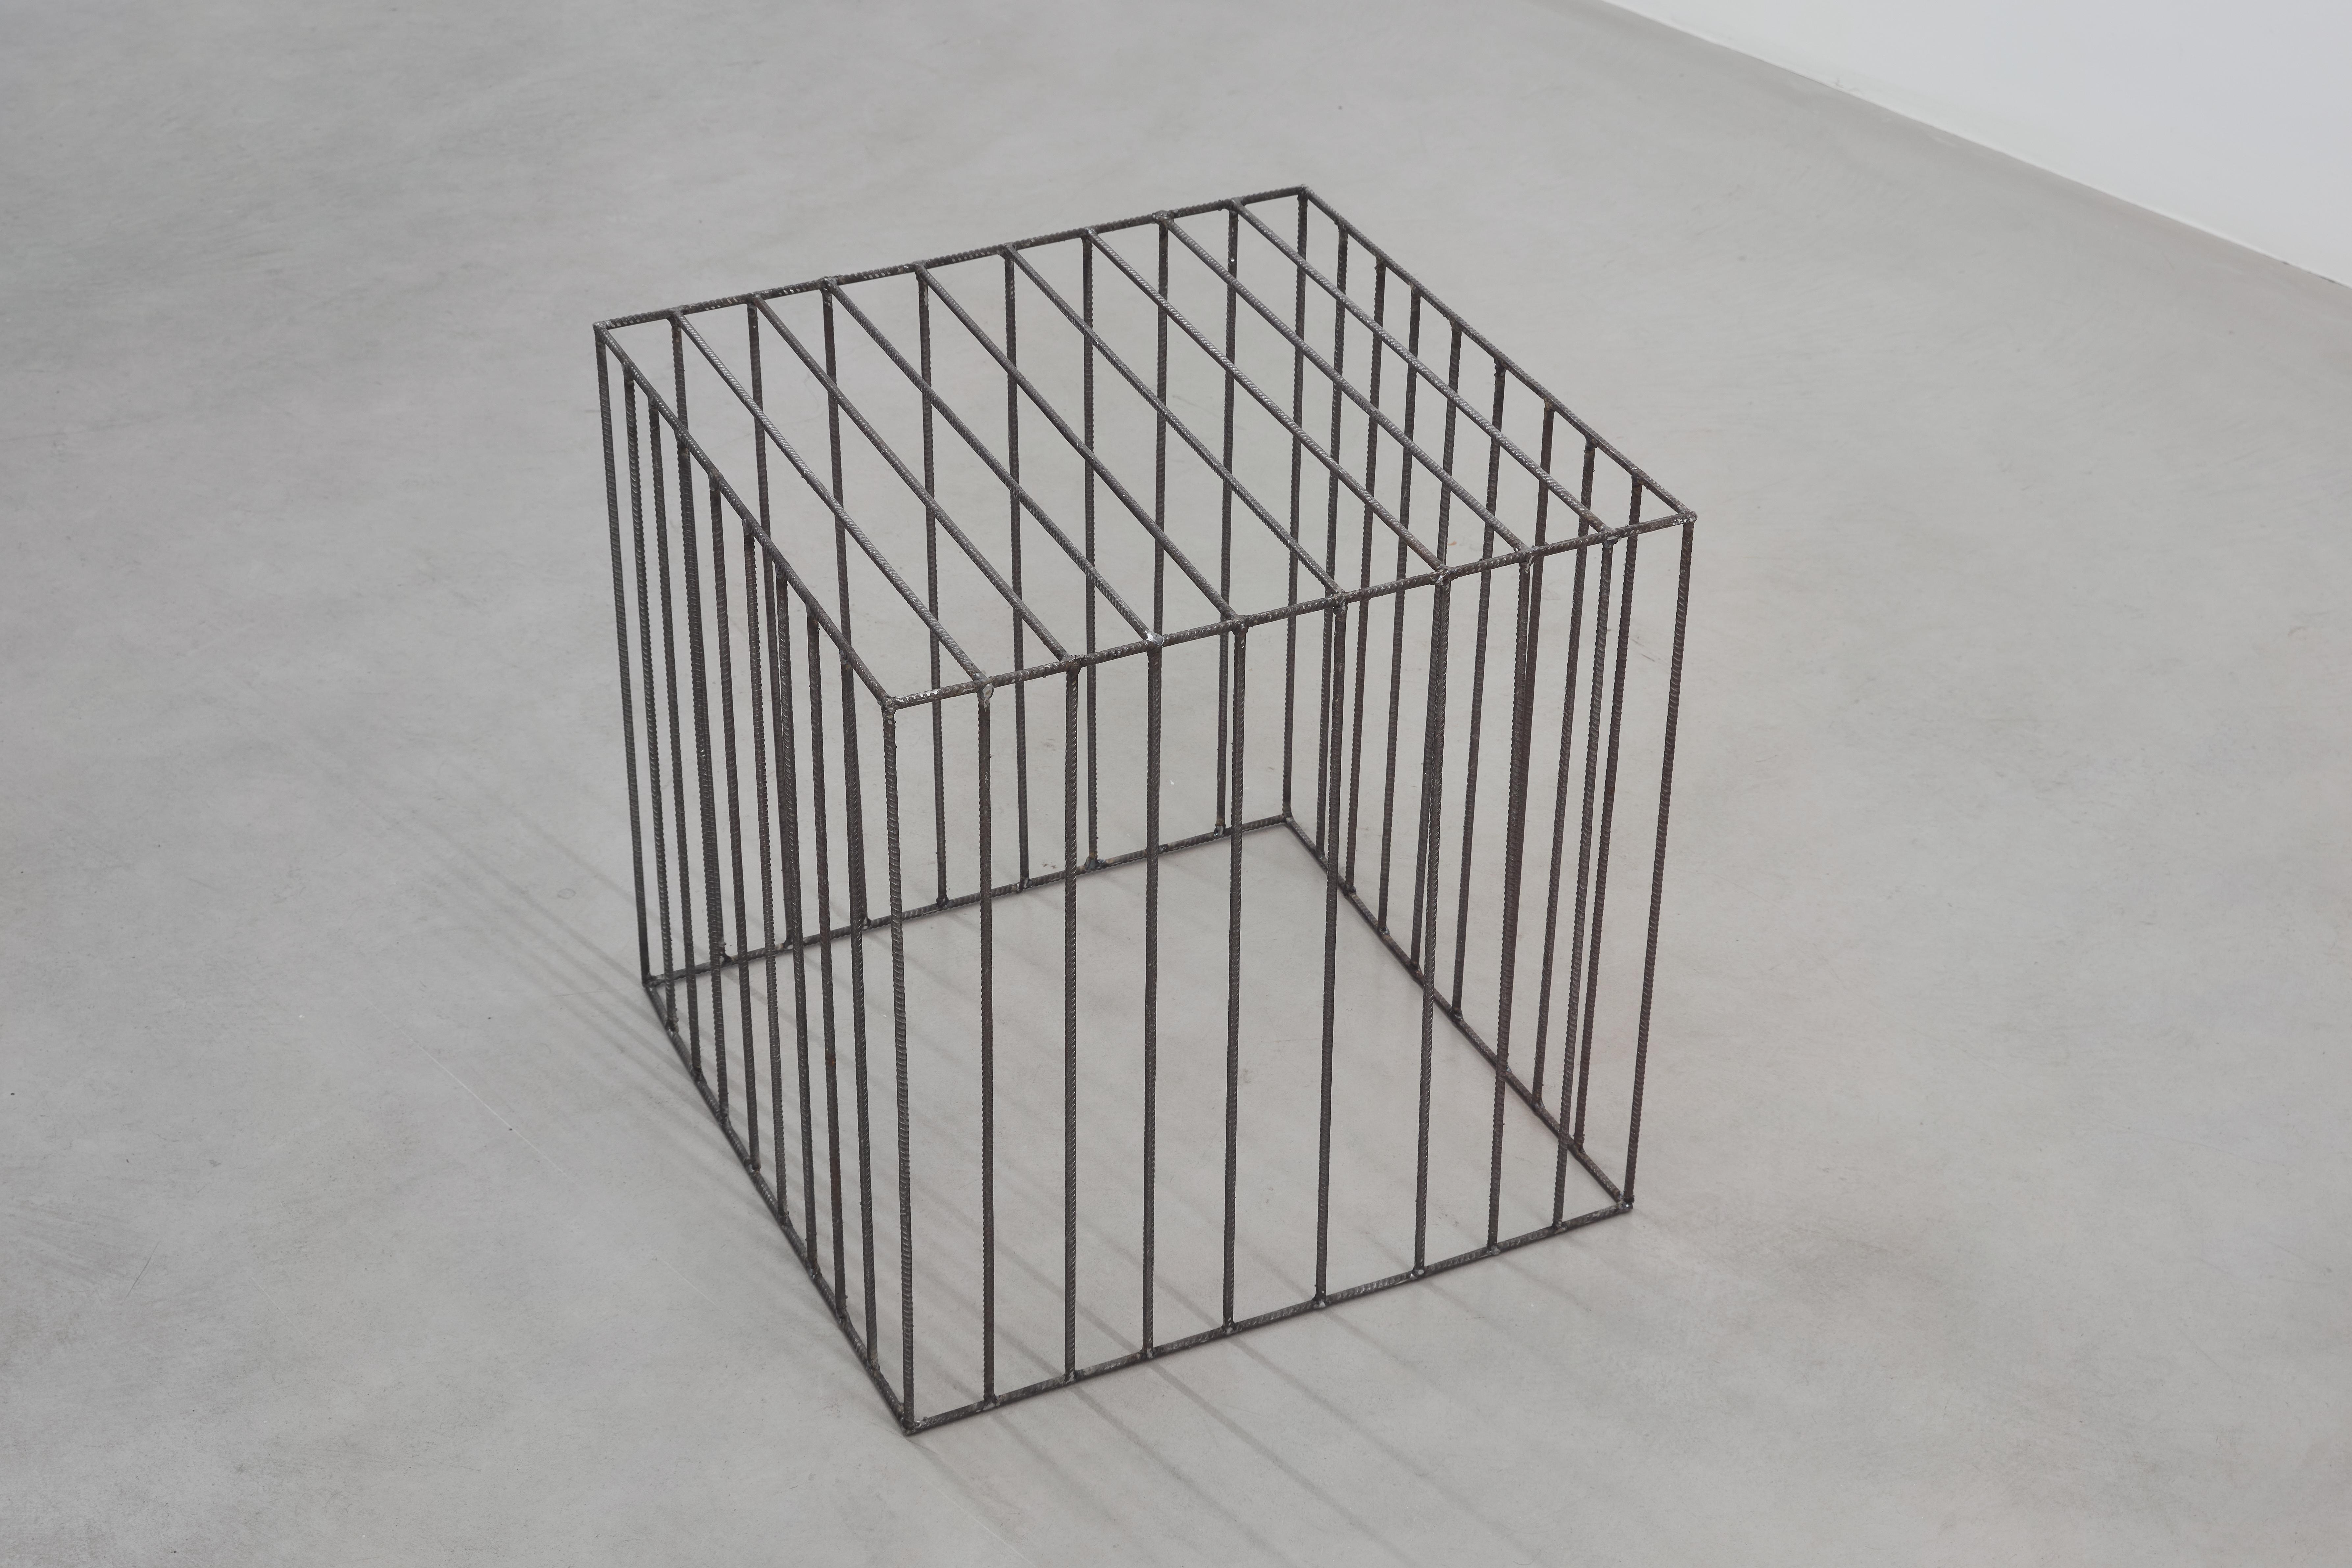 o-2020-10-22-corridor-gallery_5145